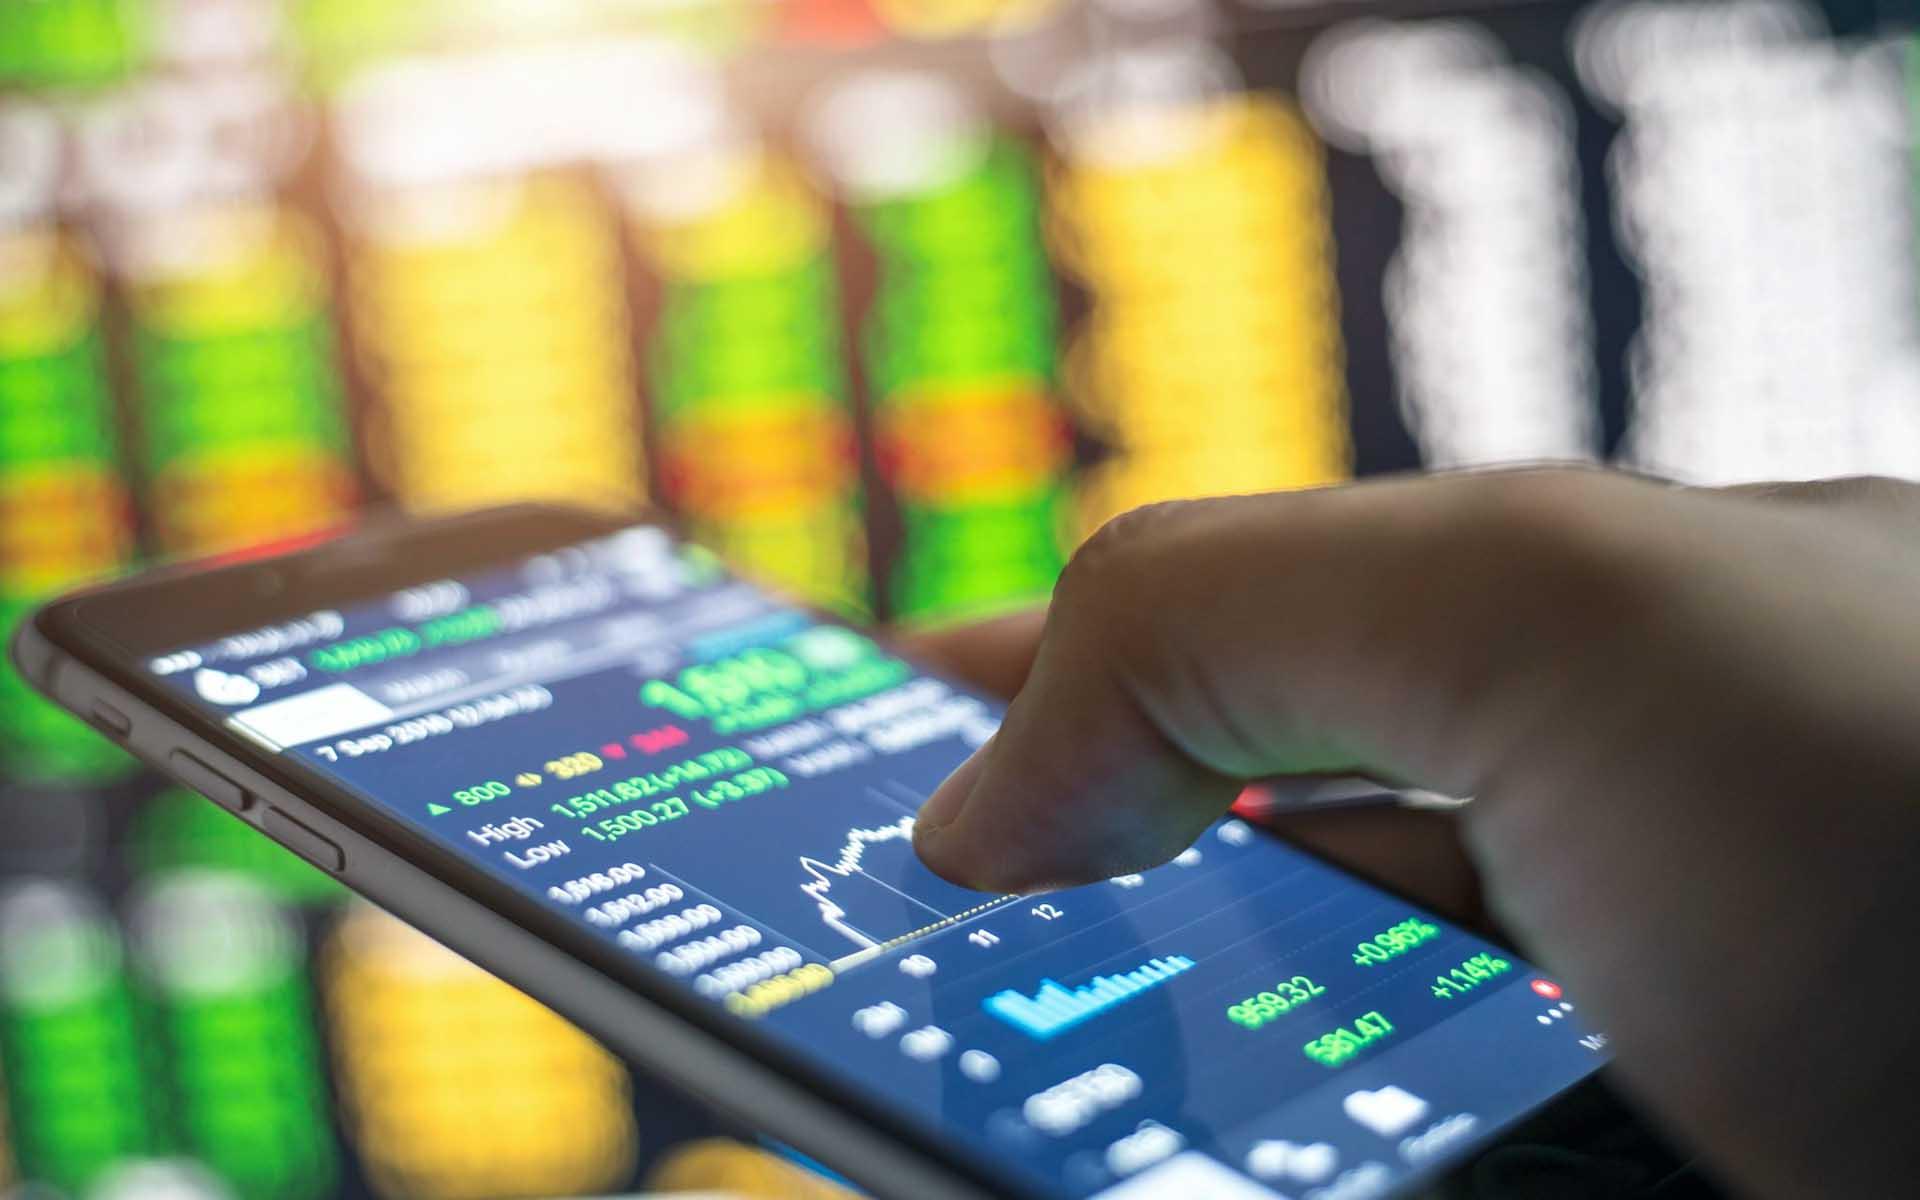 نماینده مجلس: راهاندازی صرافی ارزهای دیجیتال فعلا به صلاح اقتصاد نیست